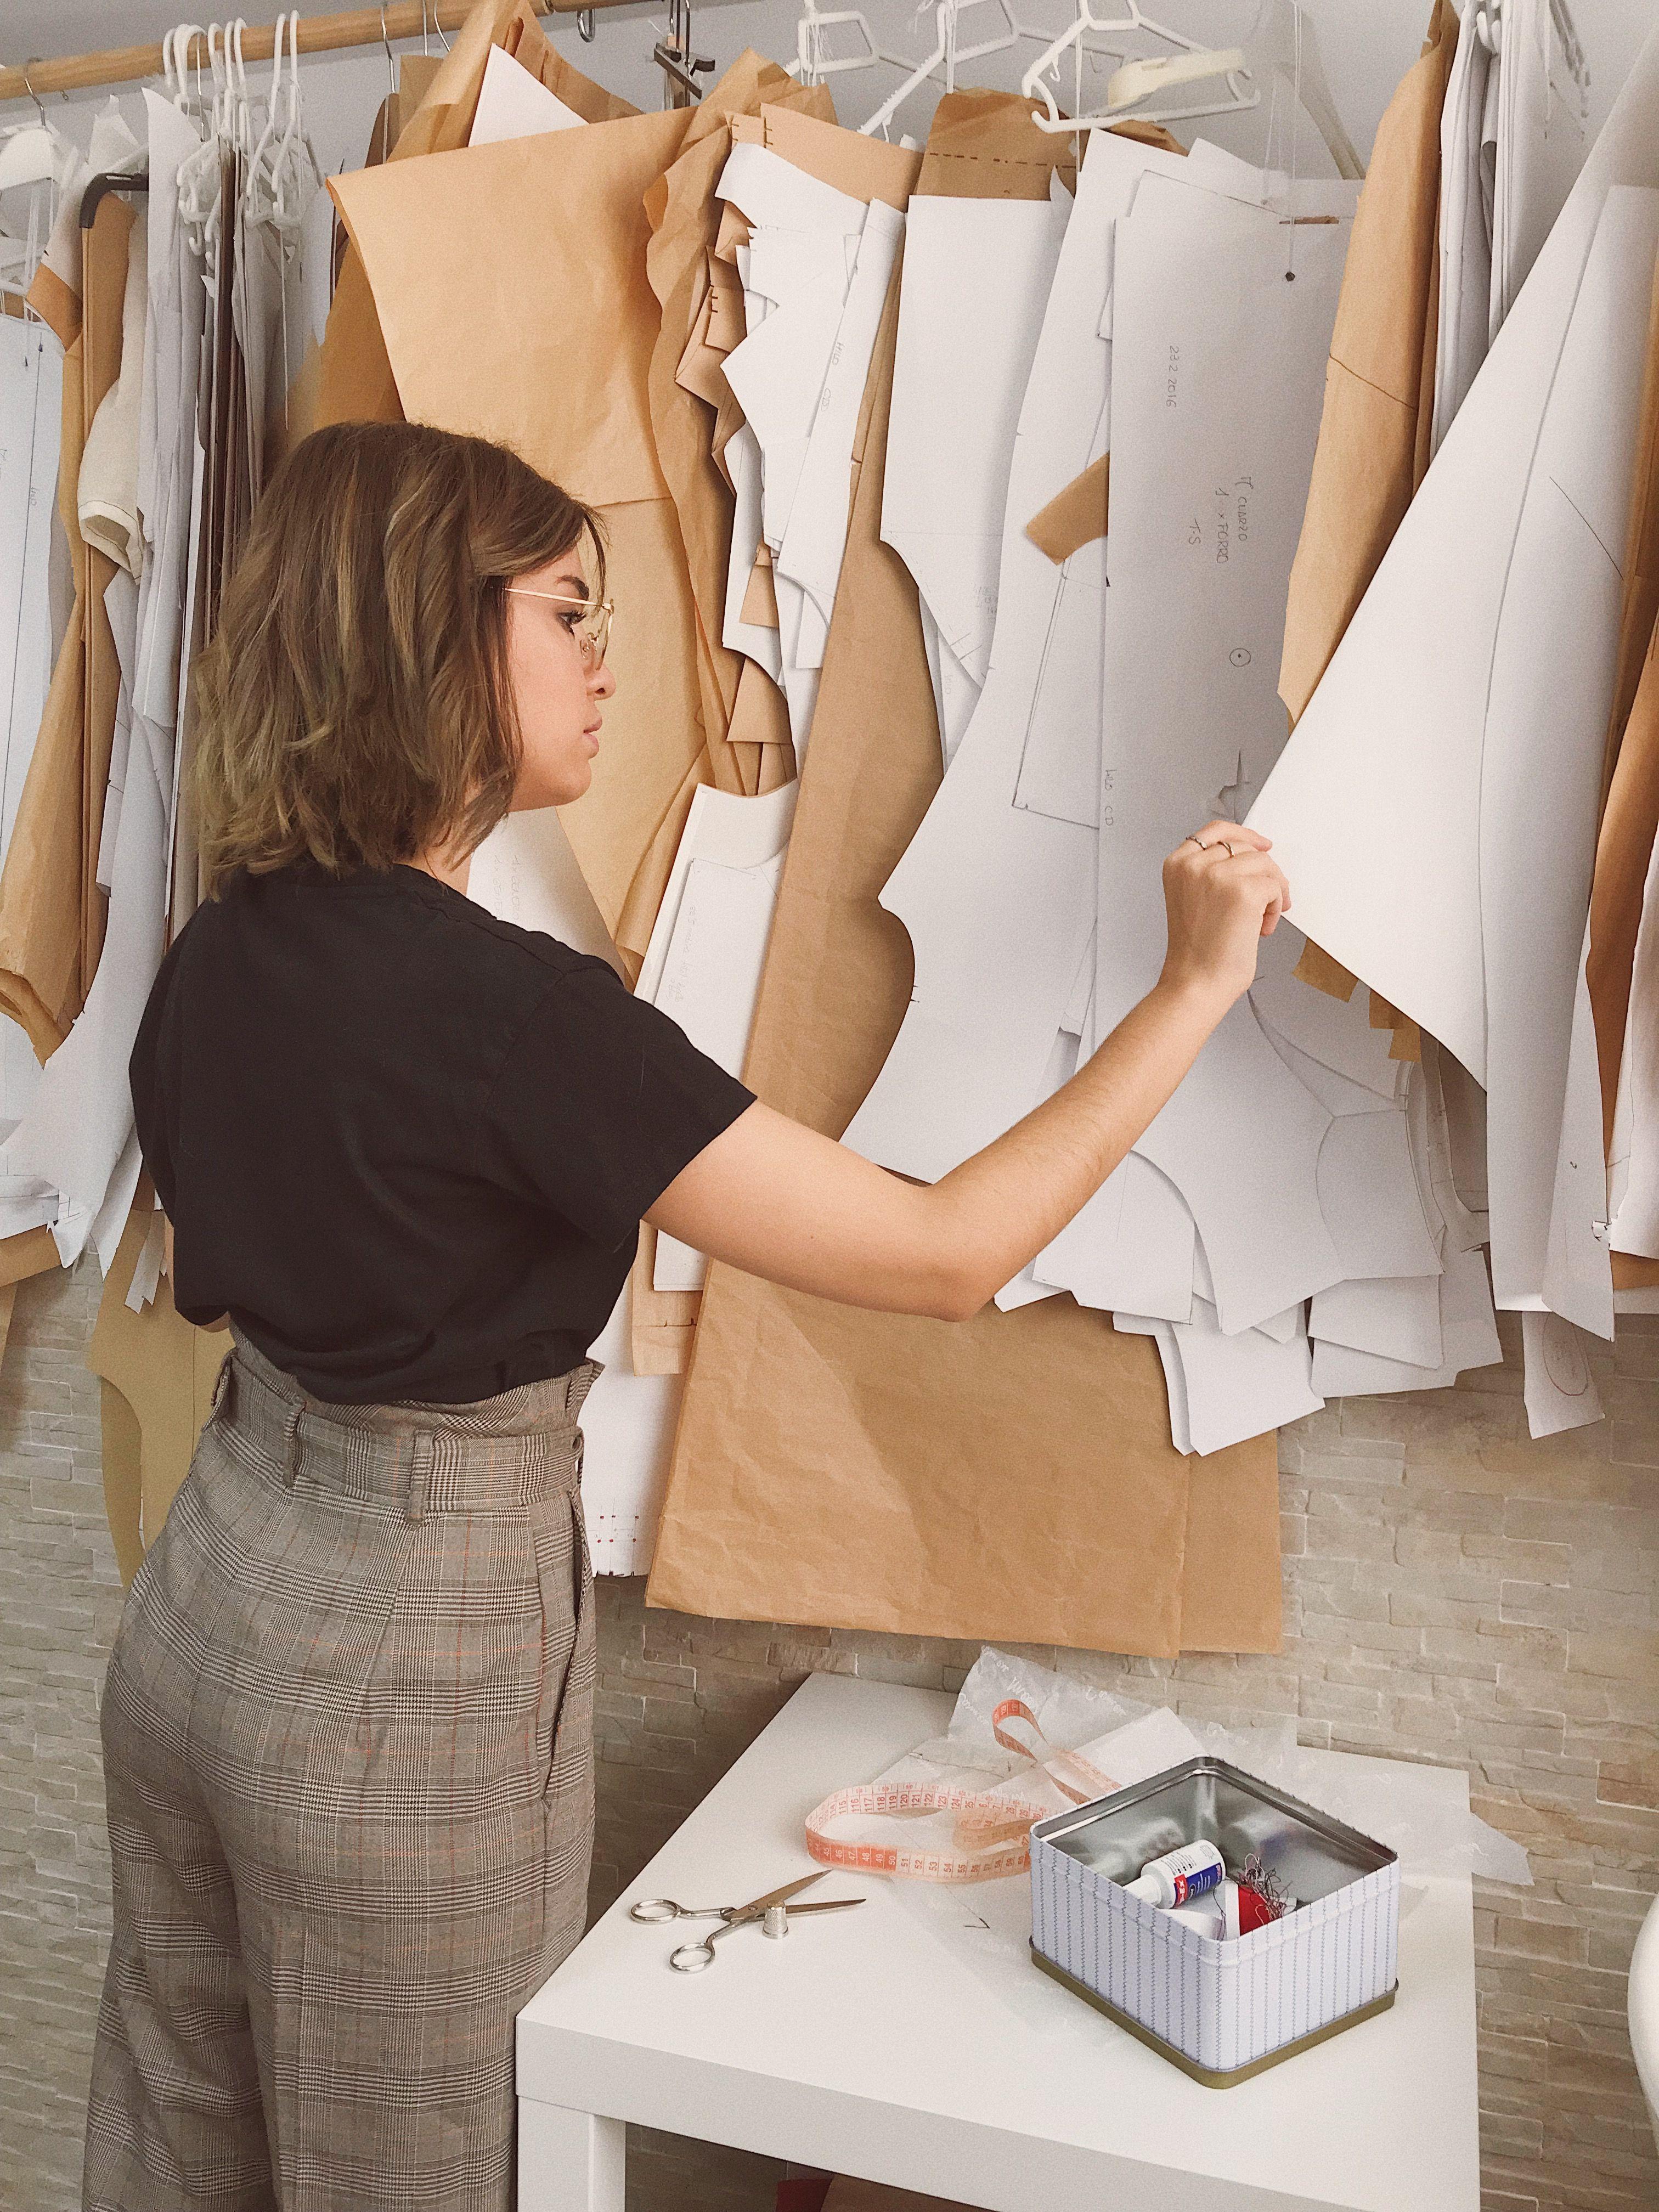 Qual o papel do modelista na confecção?